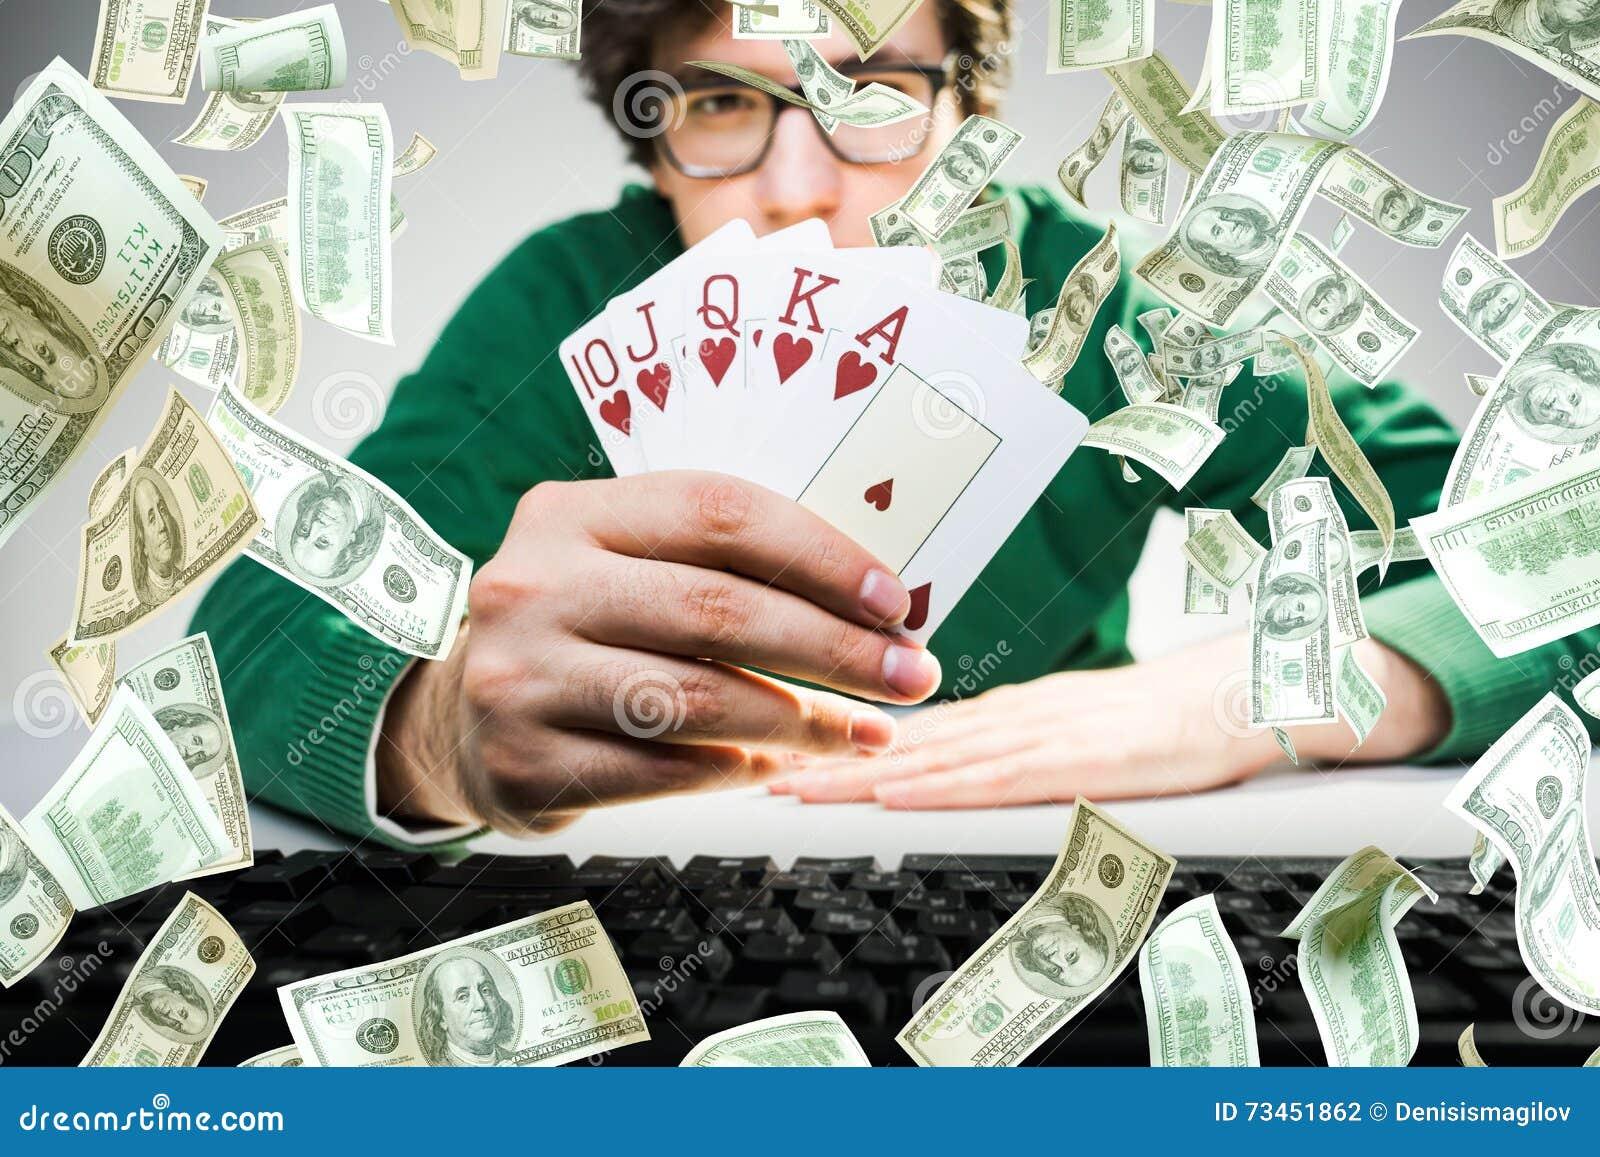 赌博的概念